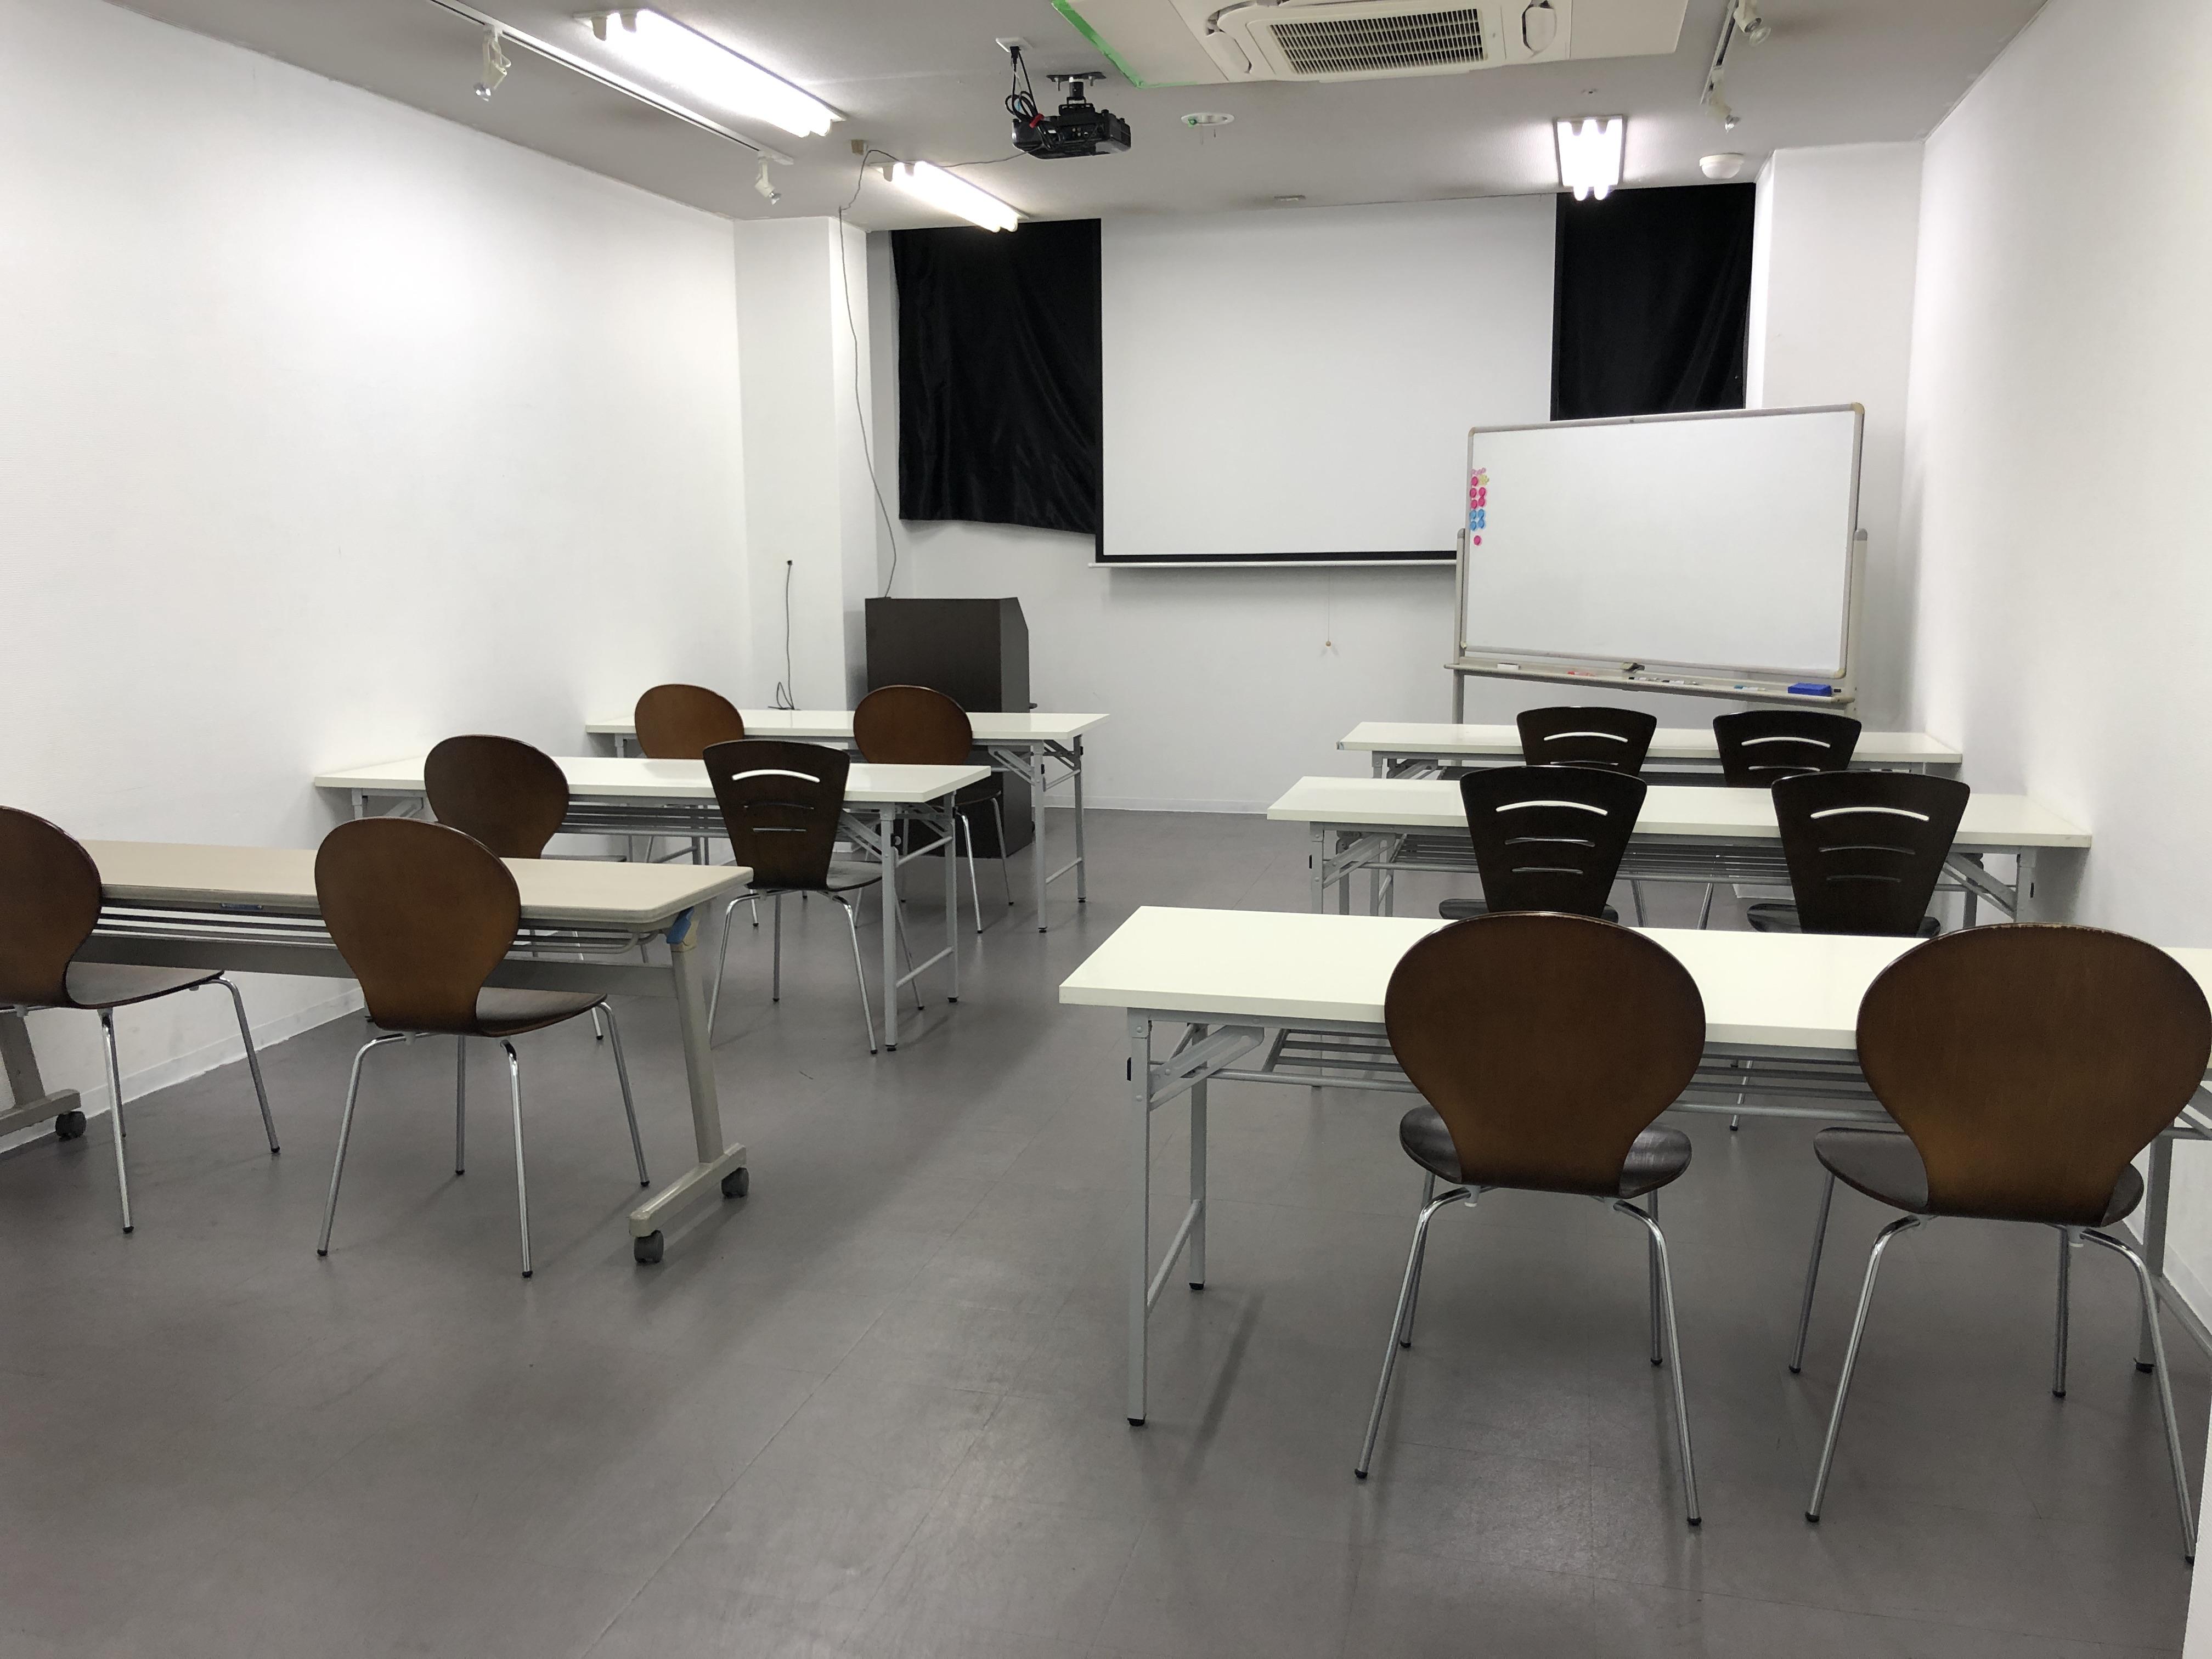 レンタルスペース、セミナースペース、貸し会議室